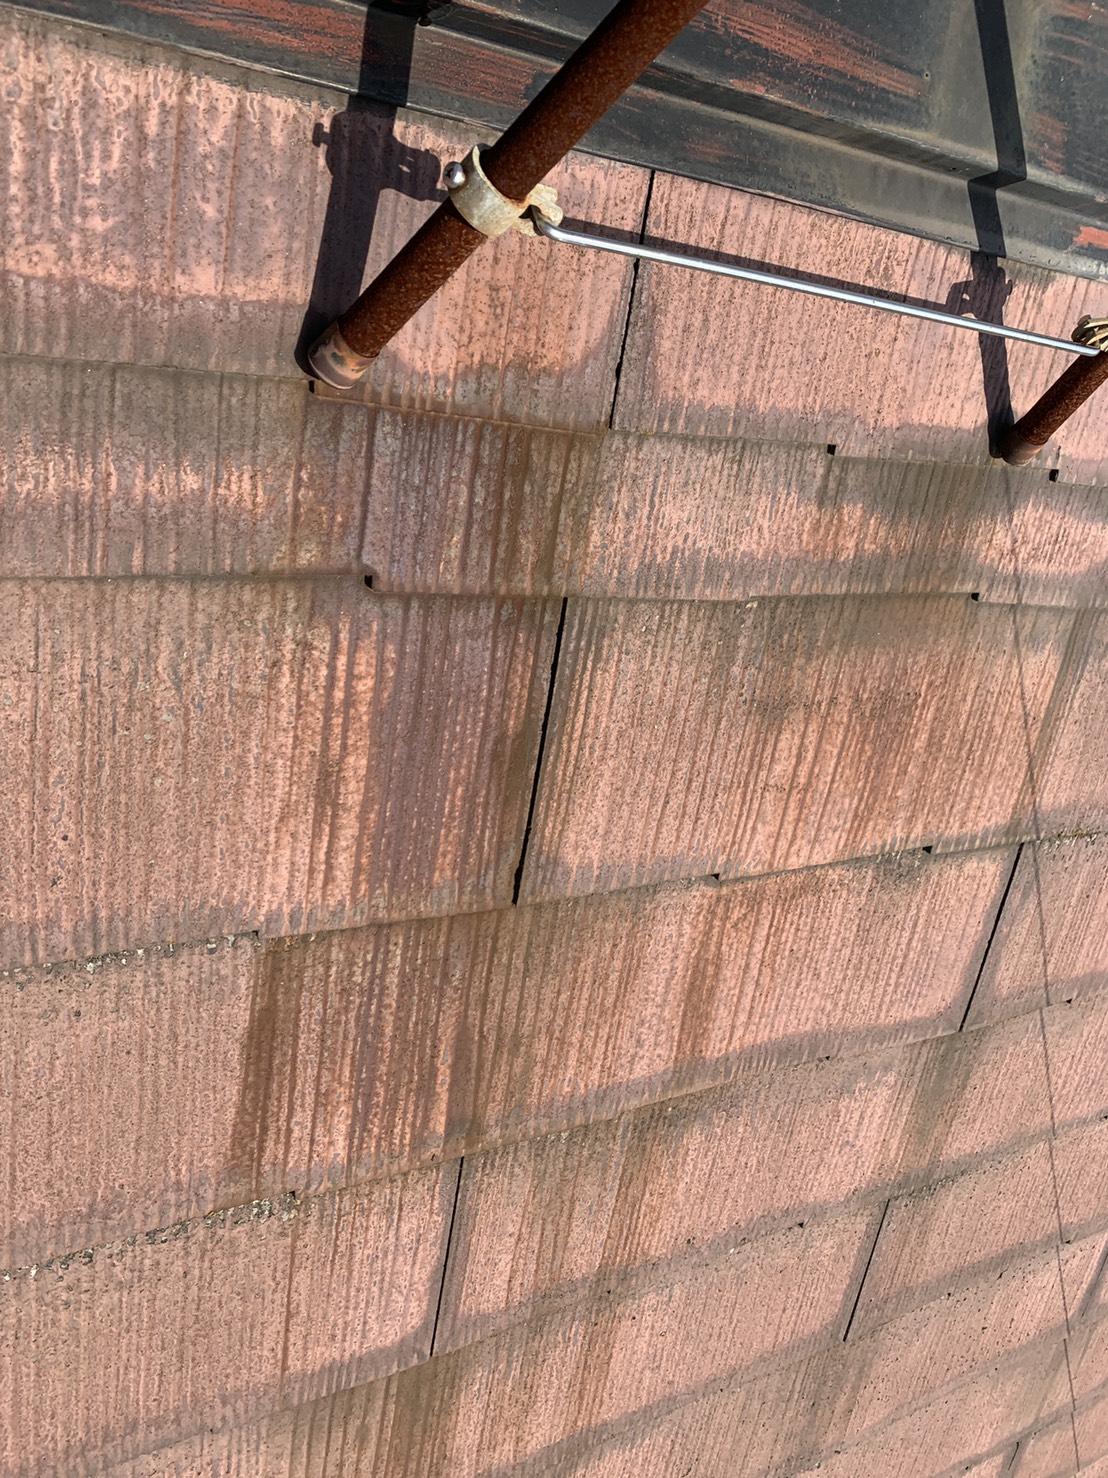 加古川市での屋根診断でスレート屋根に錆が写っている様子